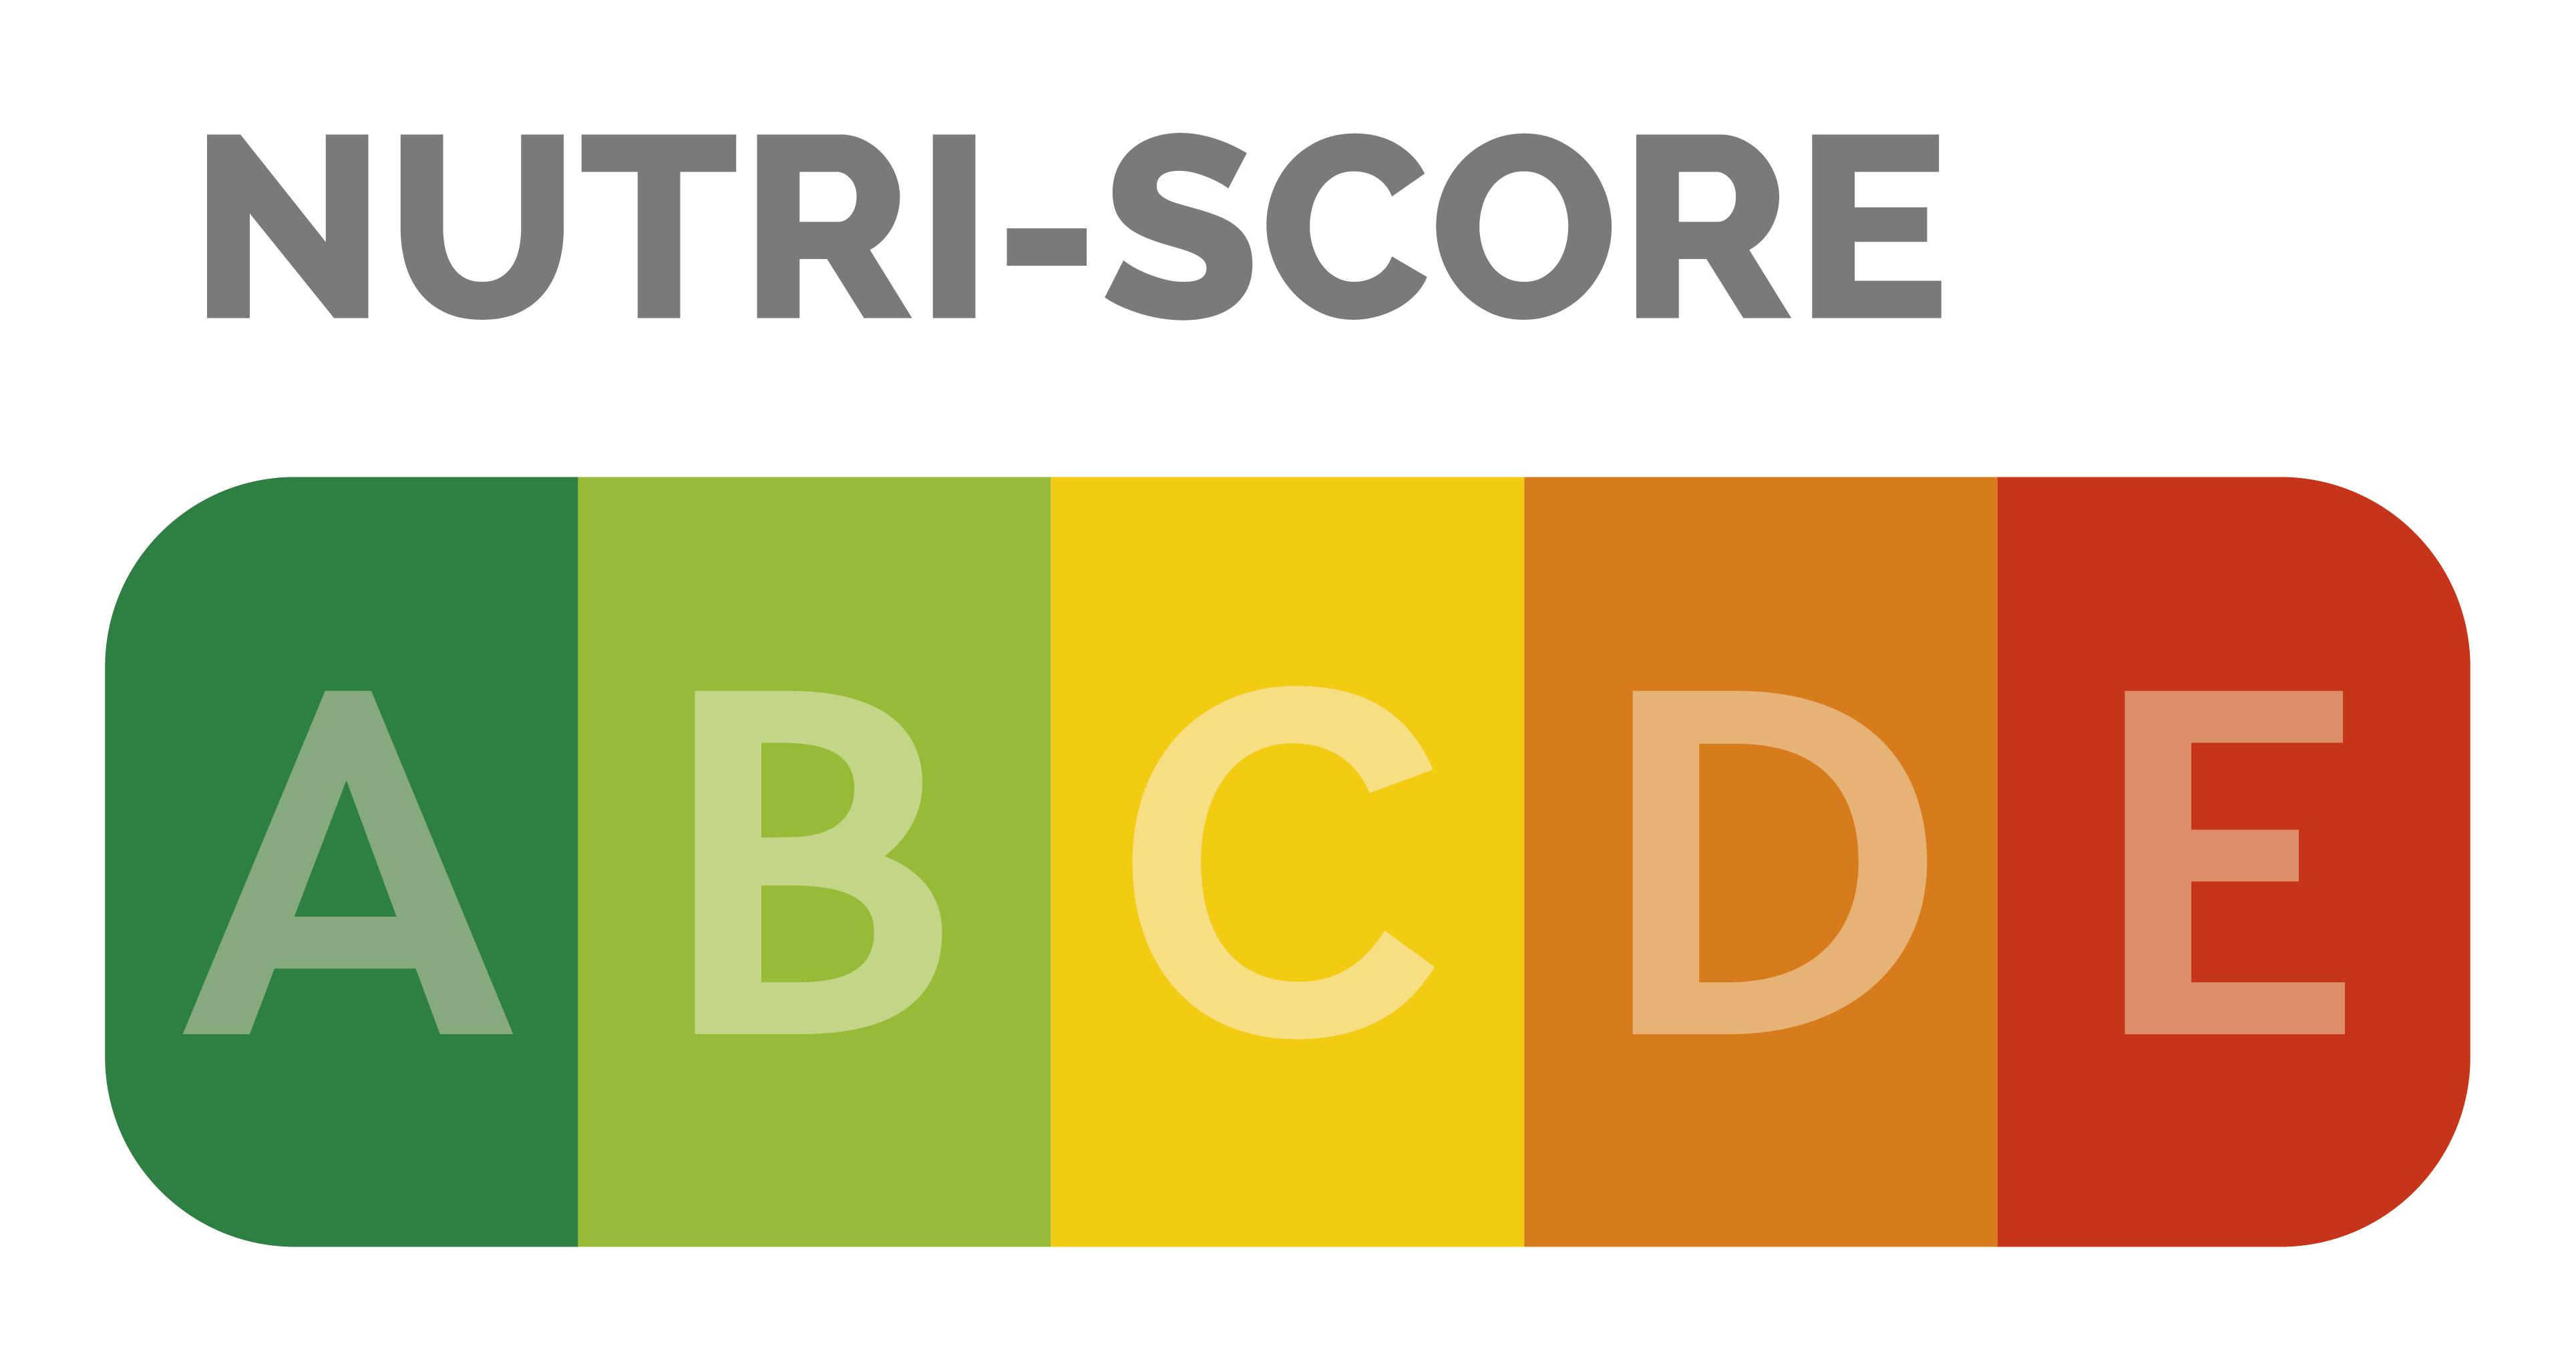 Нутрискор – нова доброволна система за етикетиране помага на потребителите да правят по-здравословен избор 140